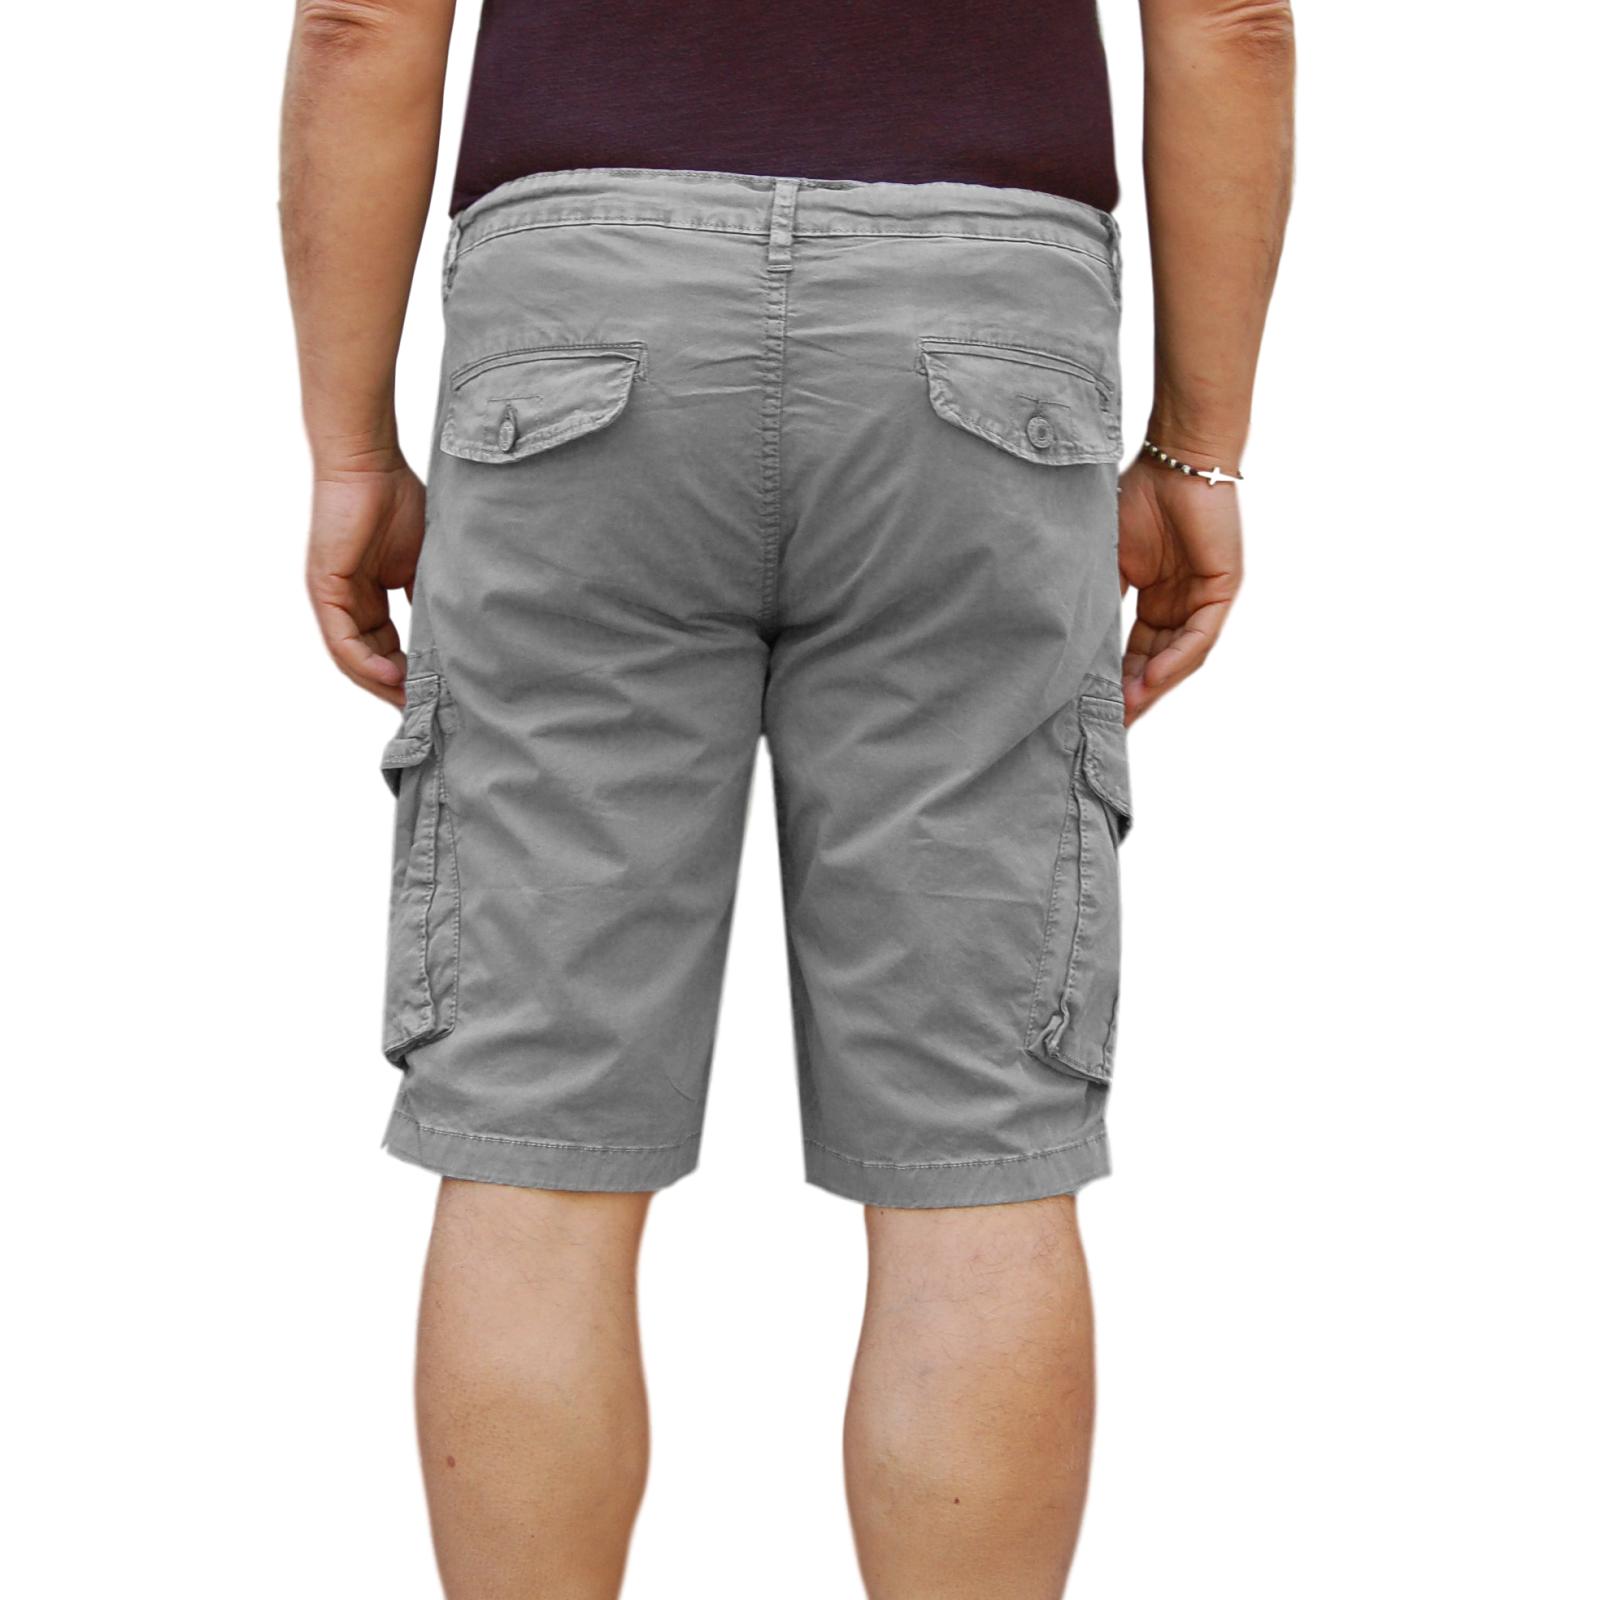 Bermuda-Uomo-Cargo-Pantalone-corto-Cotone-Tasconi-Laterali-Shorts-Casual-Nero miniatura 16